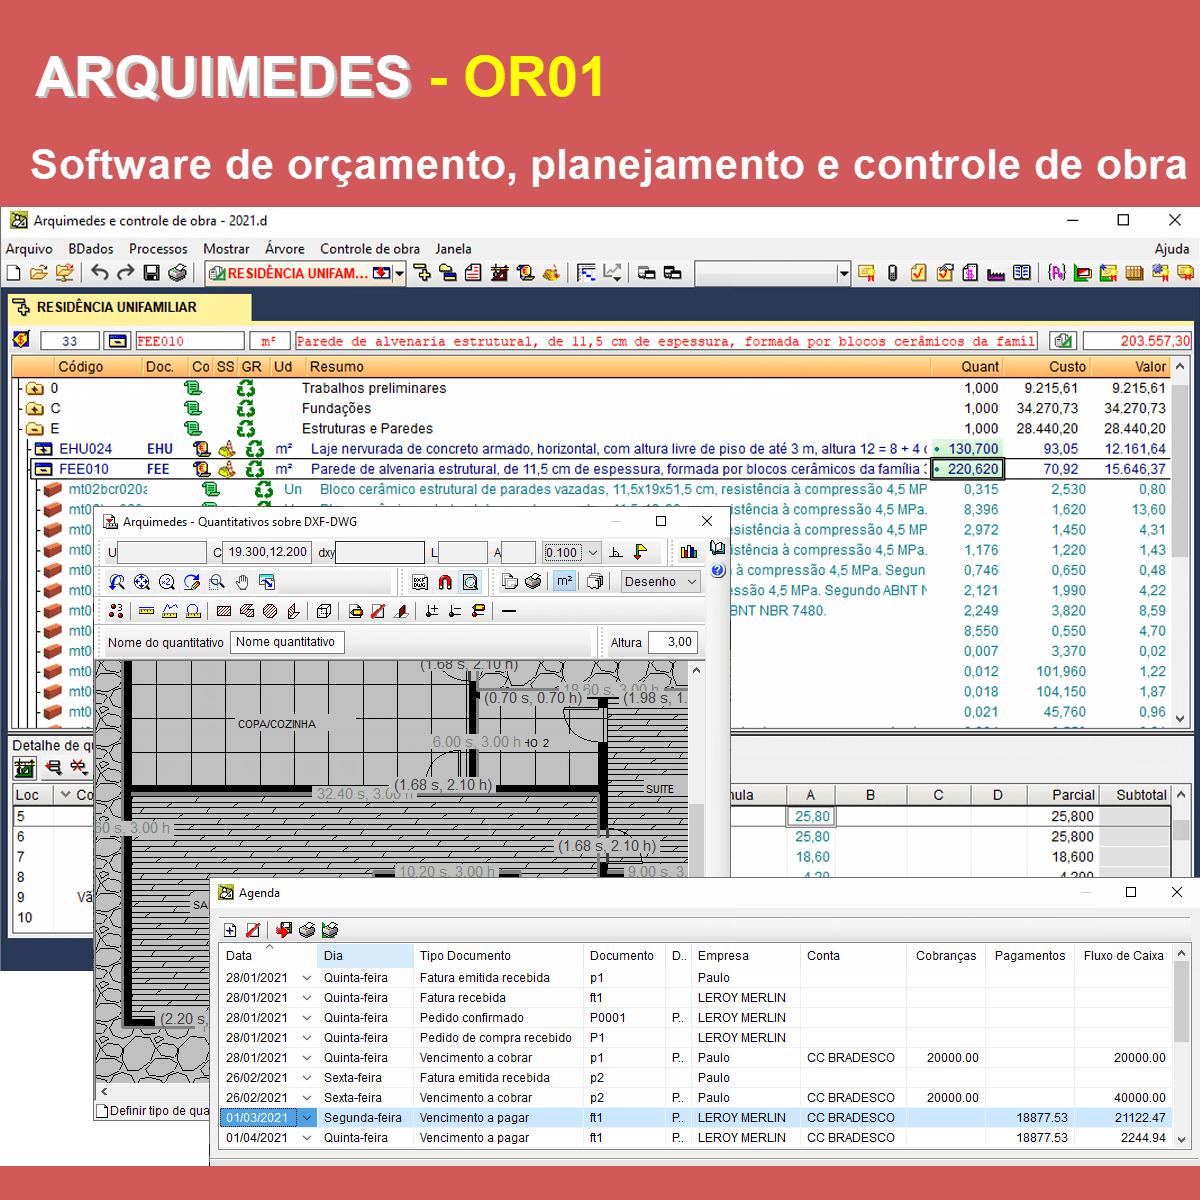 Software Arquimedes OR01 versão 2022 (Licença Eletrônica) incluindo Orçamento, Planejamento, Medição de Obras, Levantamento direto do CAD e Controle de Obras  - MULTIPLUS SOFTWARES